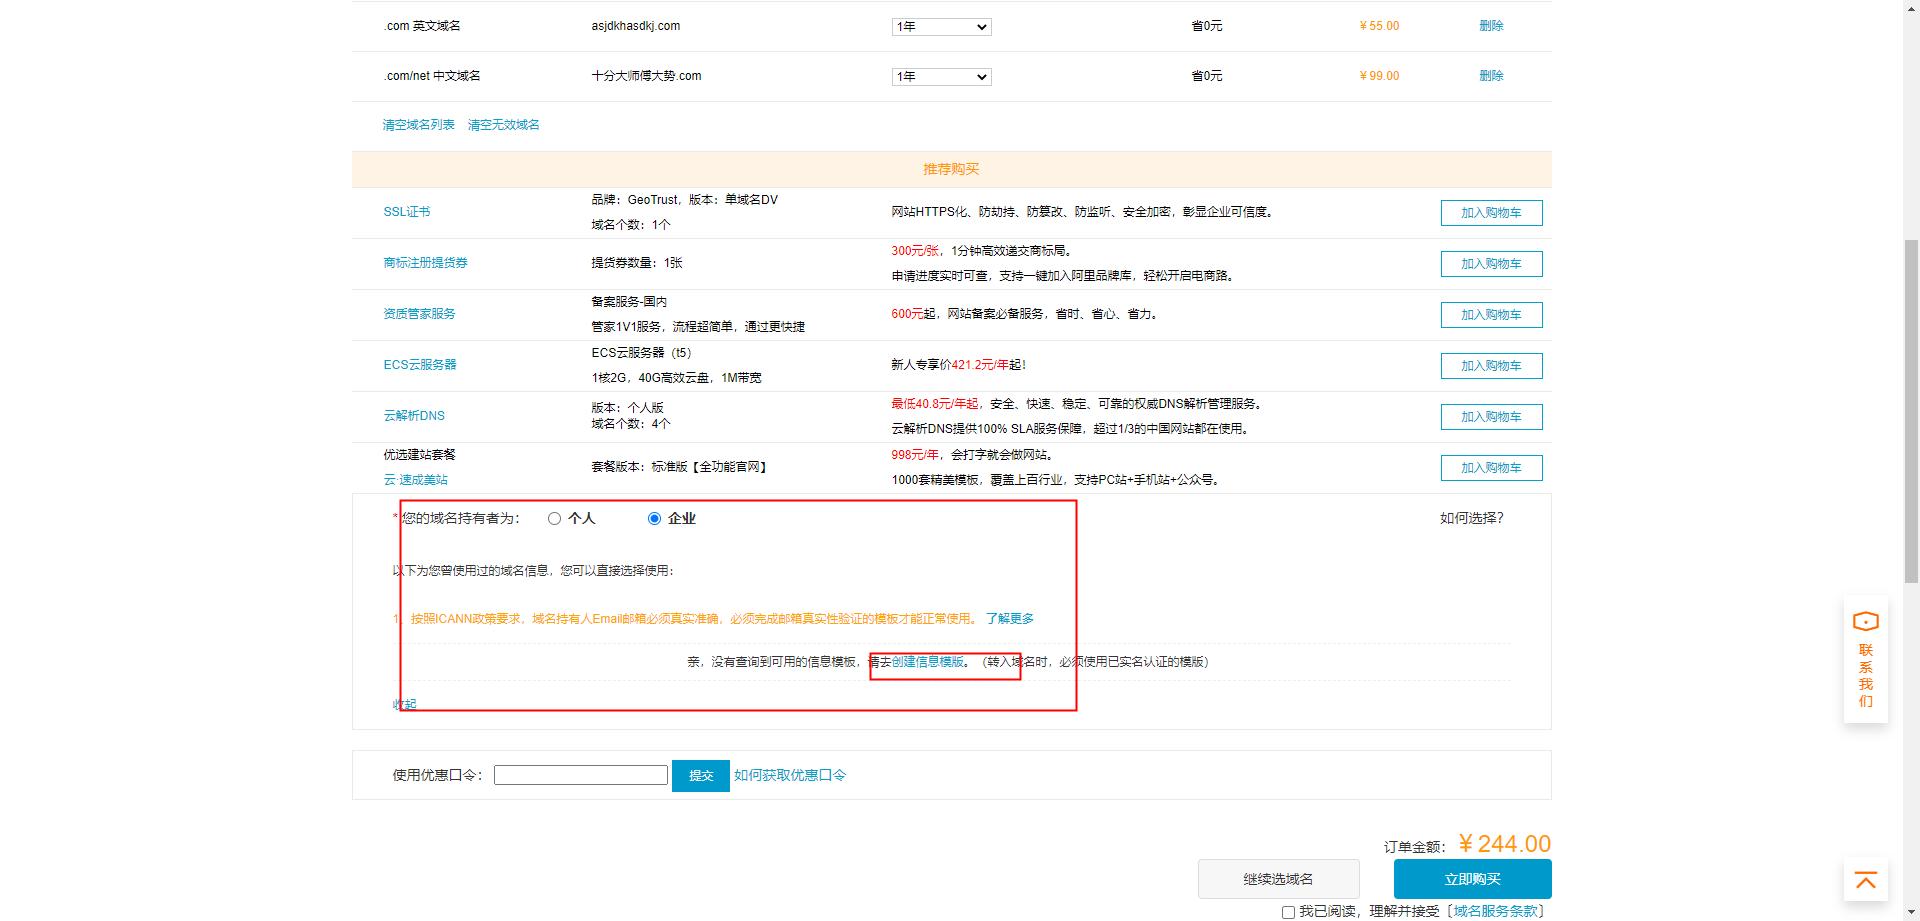 阿里云购买域名,创建信息模板